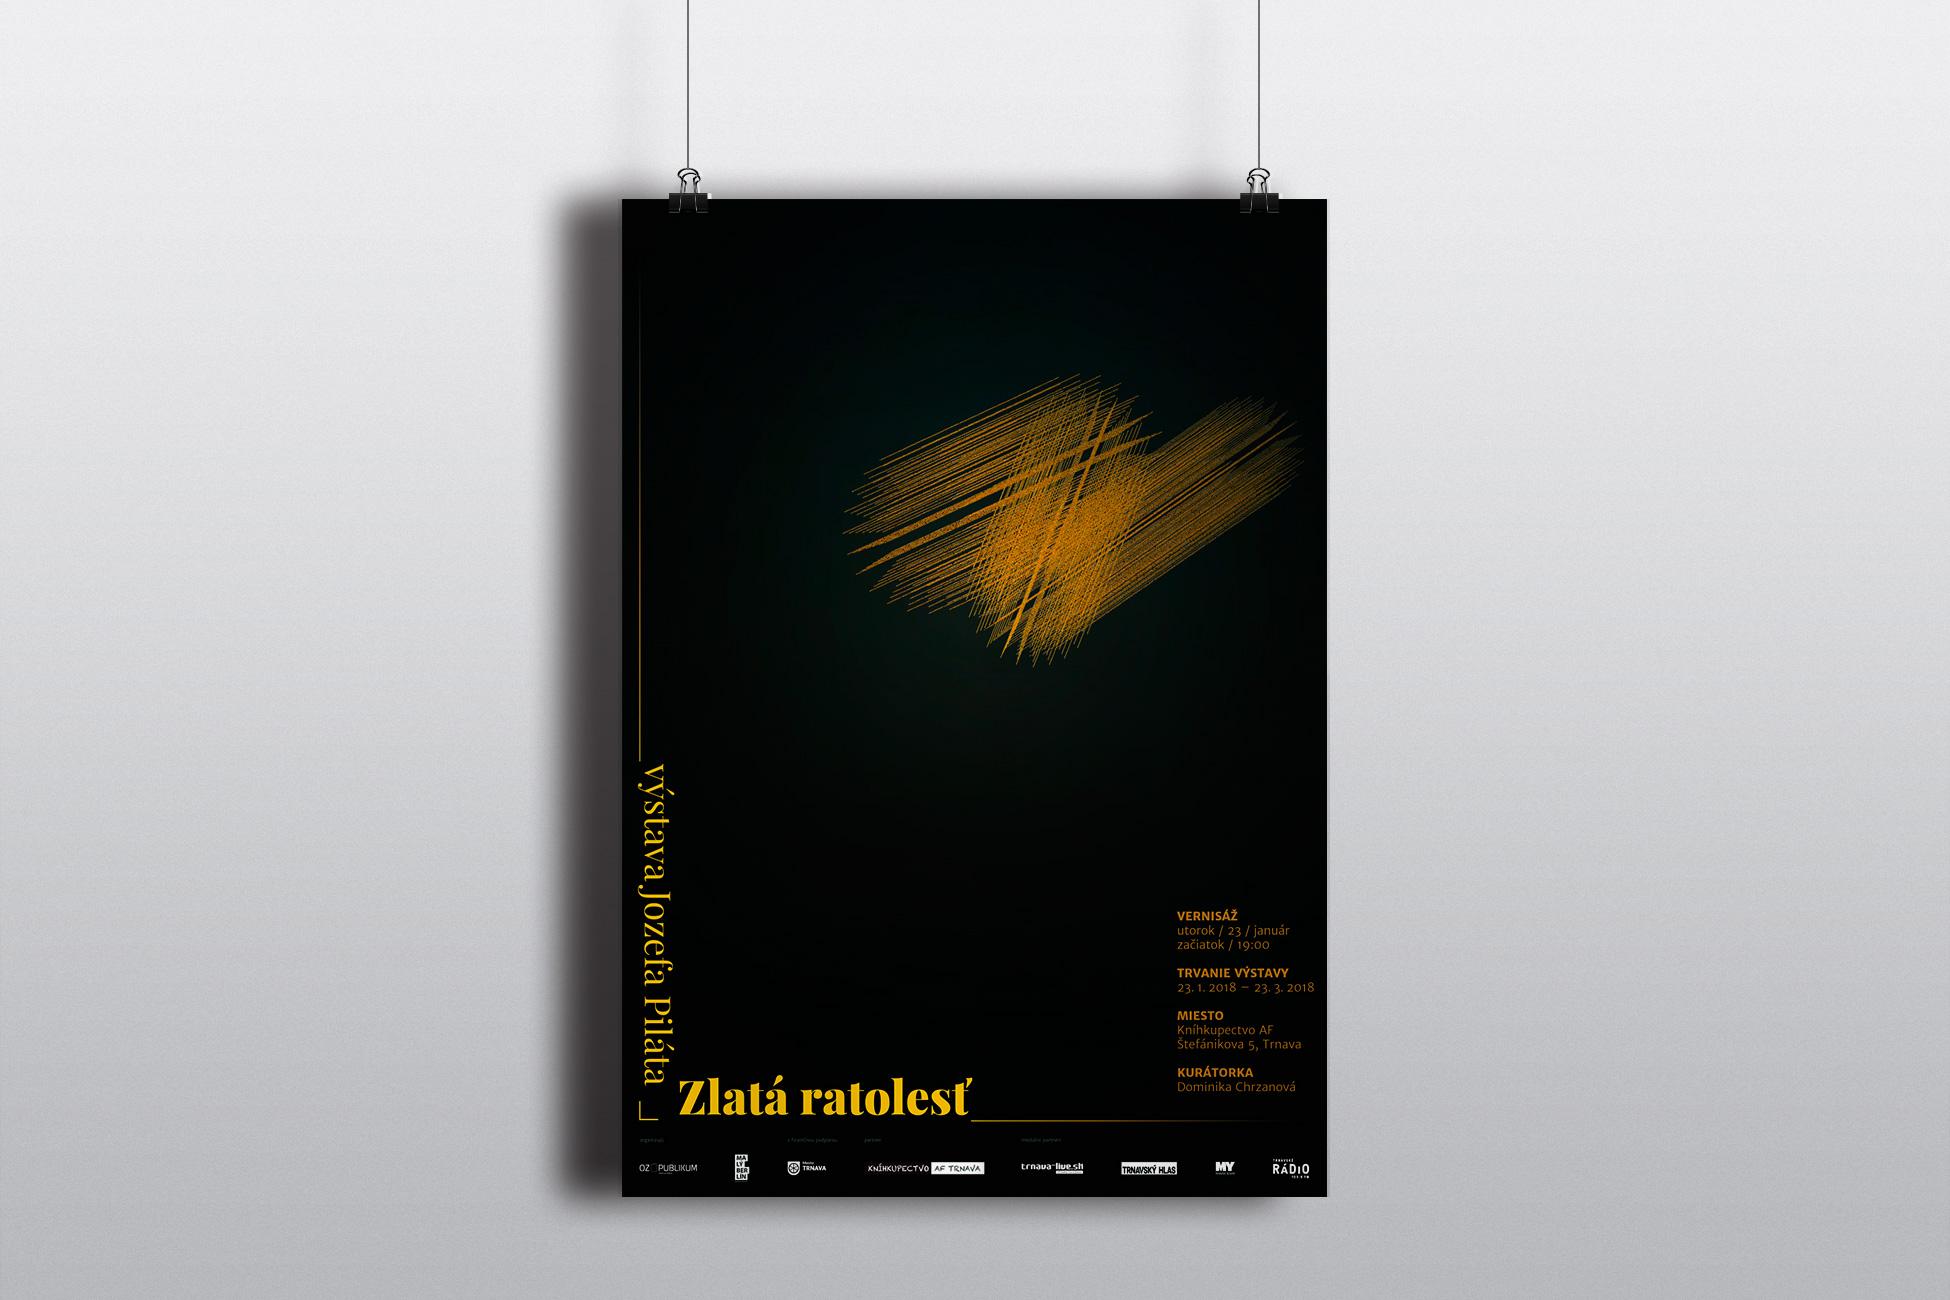 Zlatá ratolesť - plagát